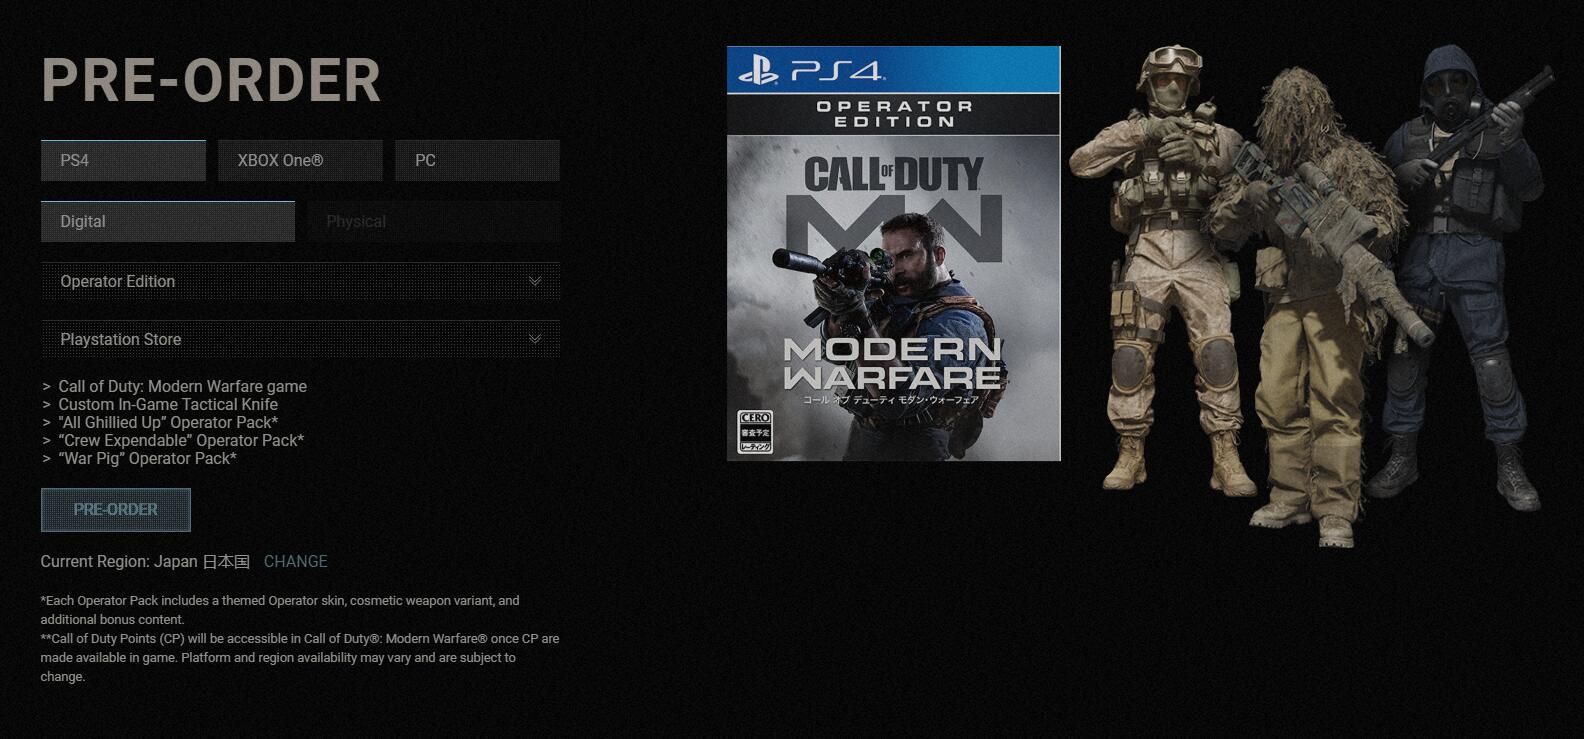 《使命召唤16:现代战争》预购页面